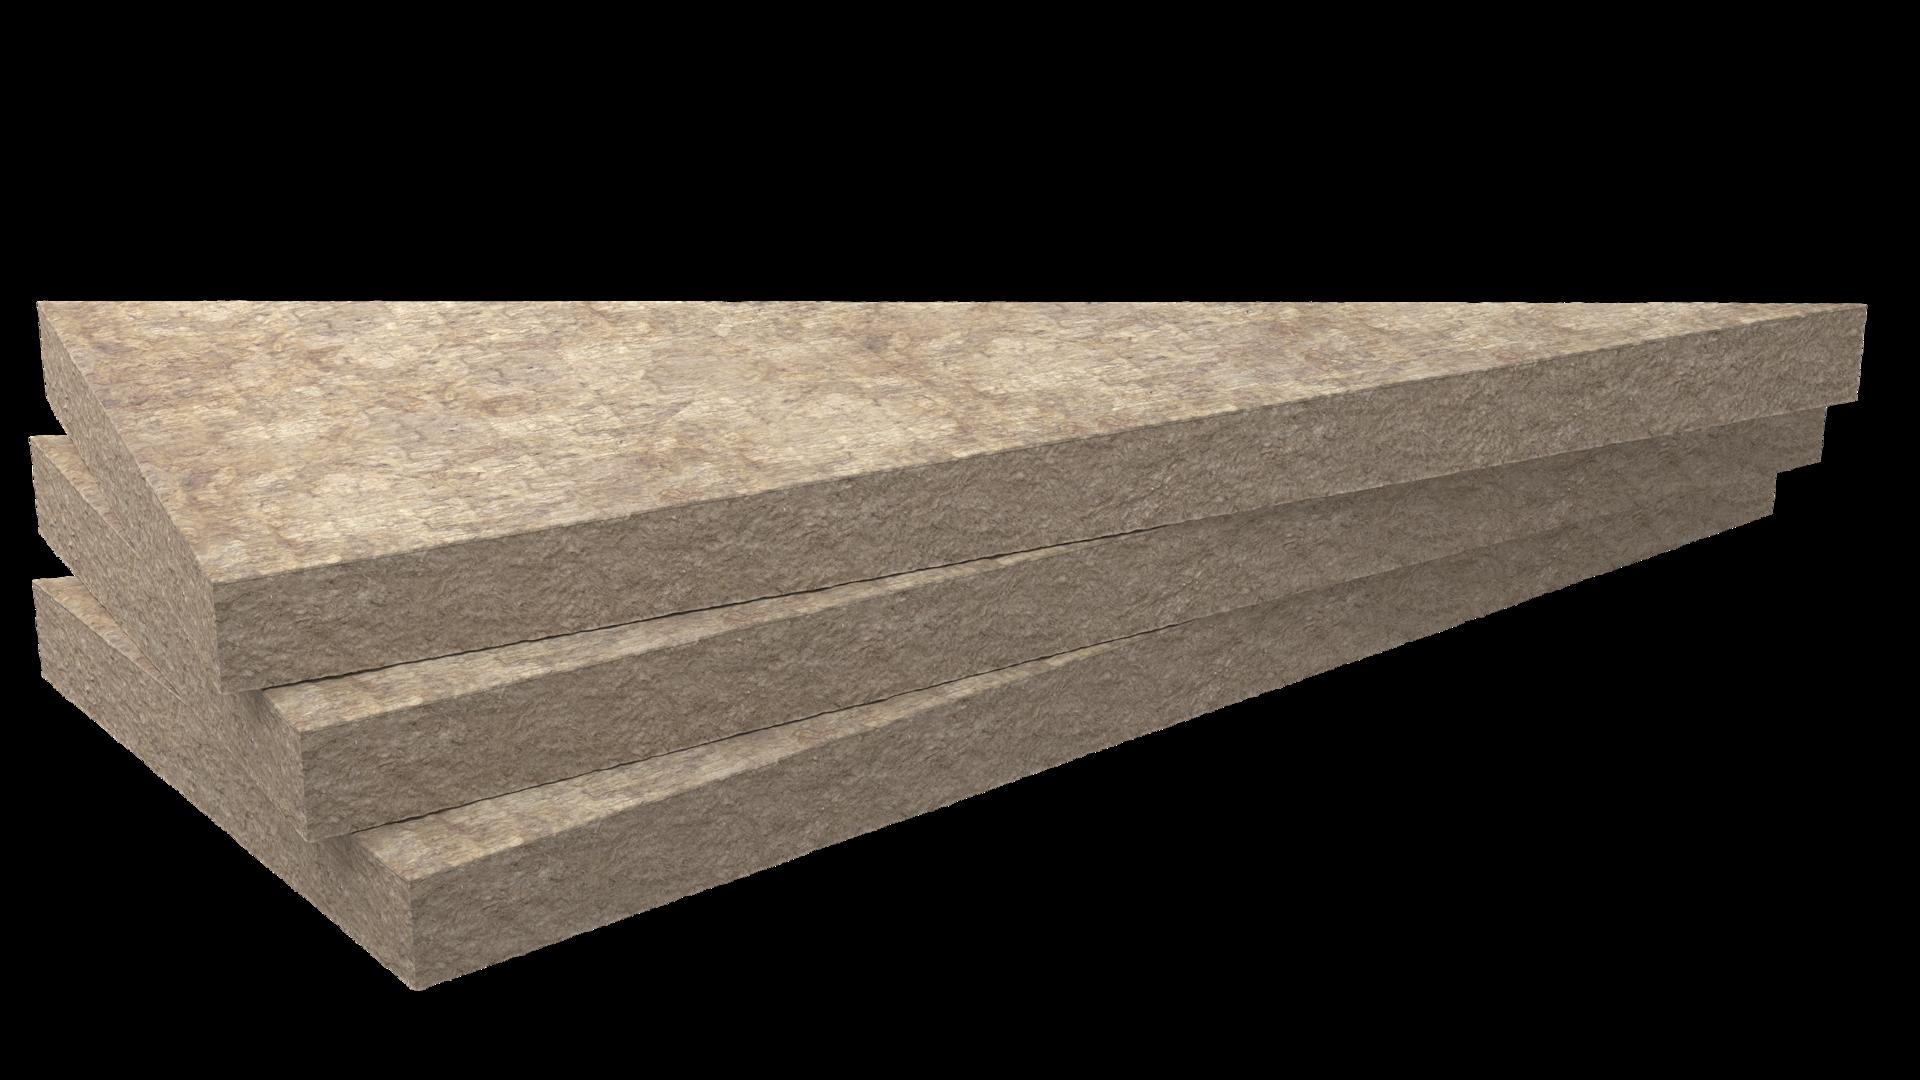 Deltarock 2020, combles aménagés, pitched roof